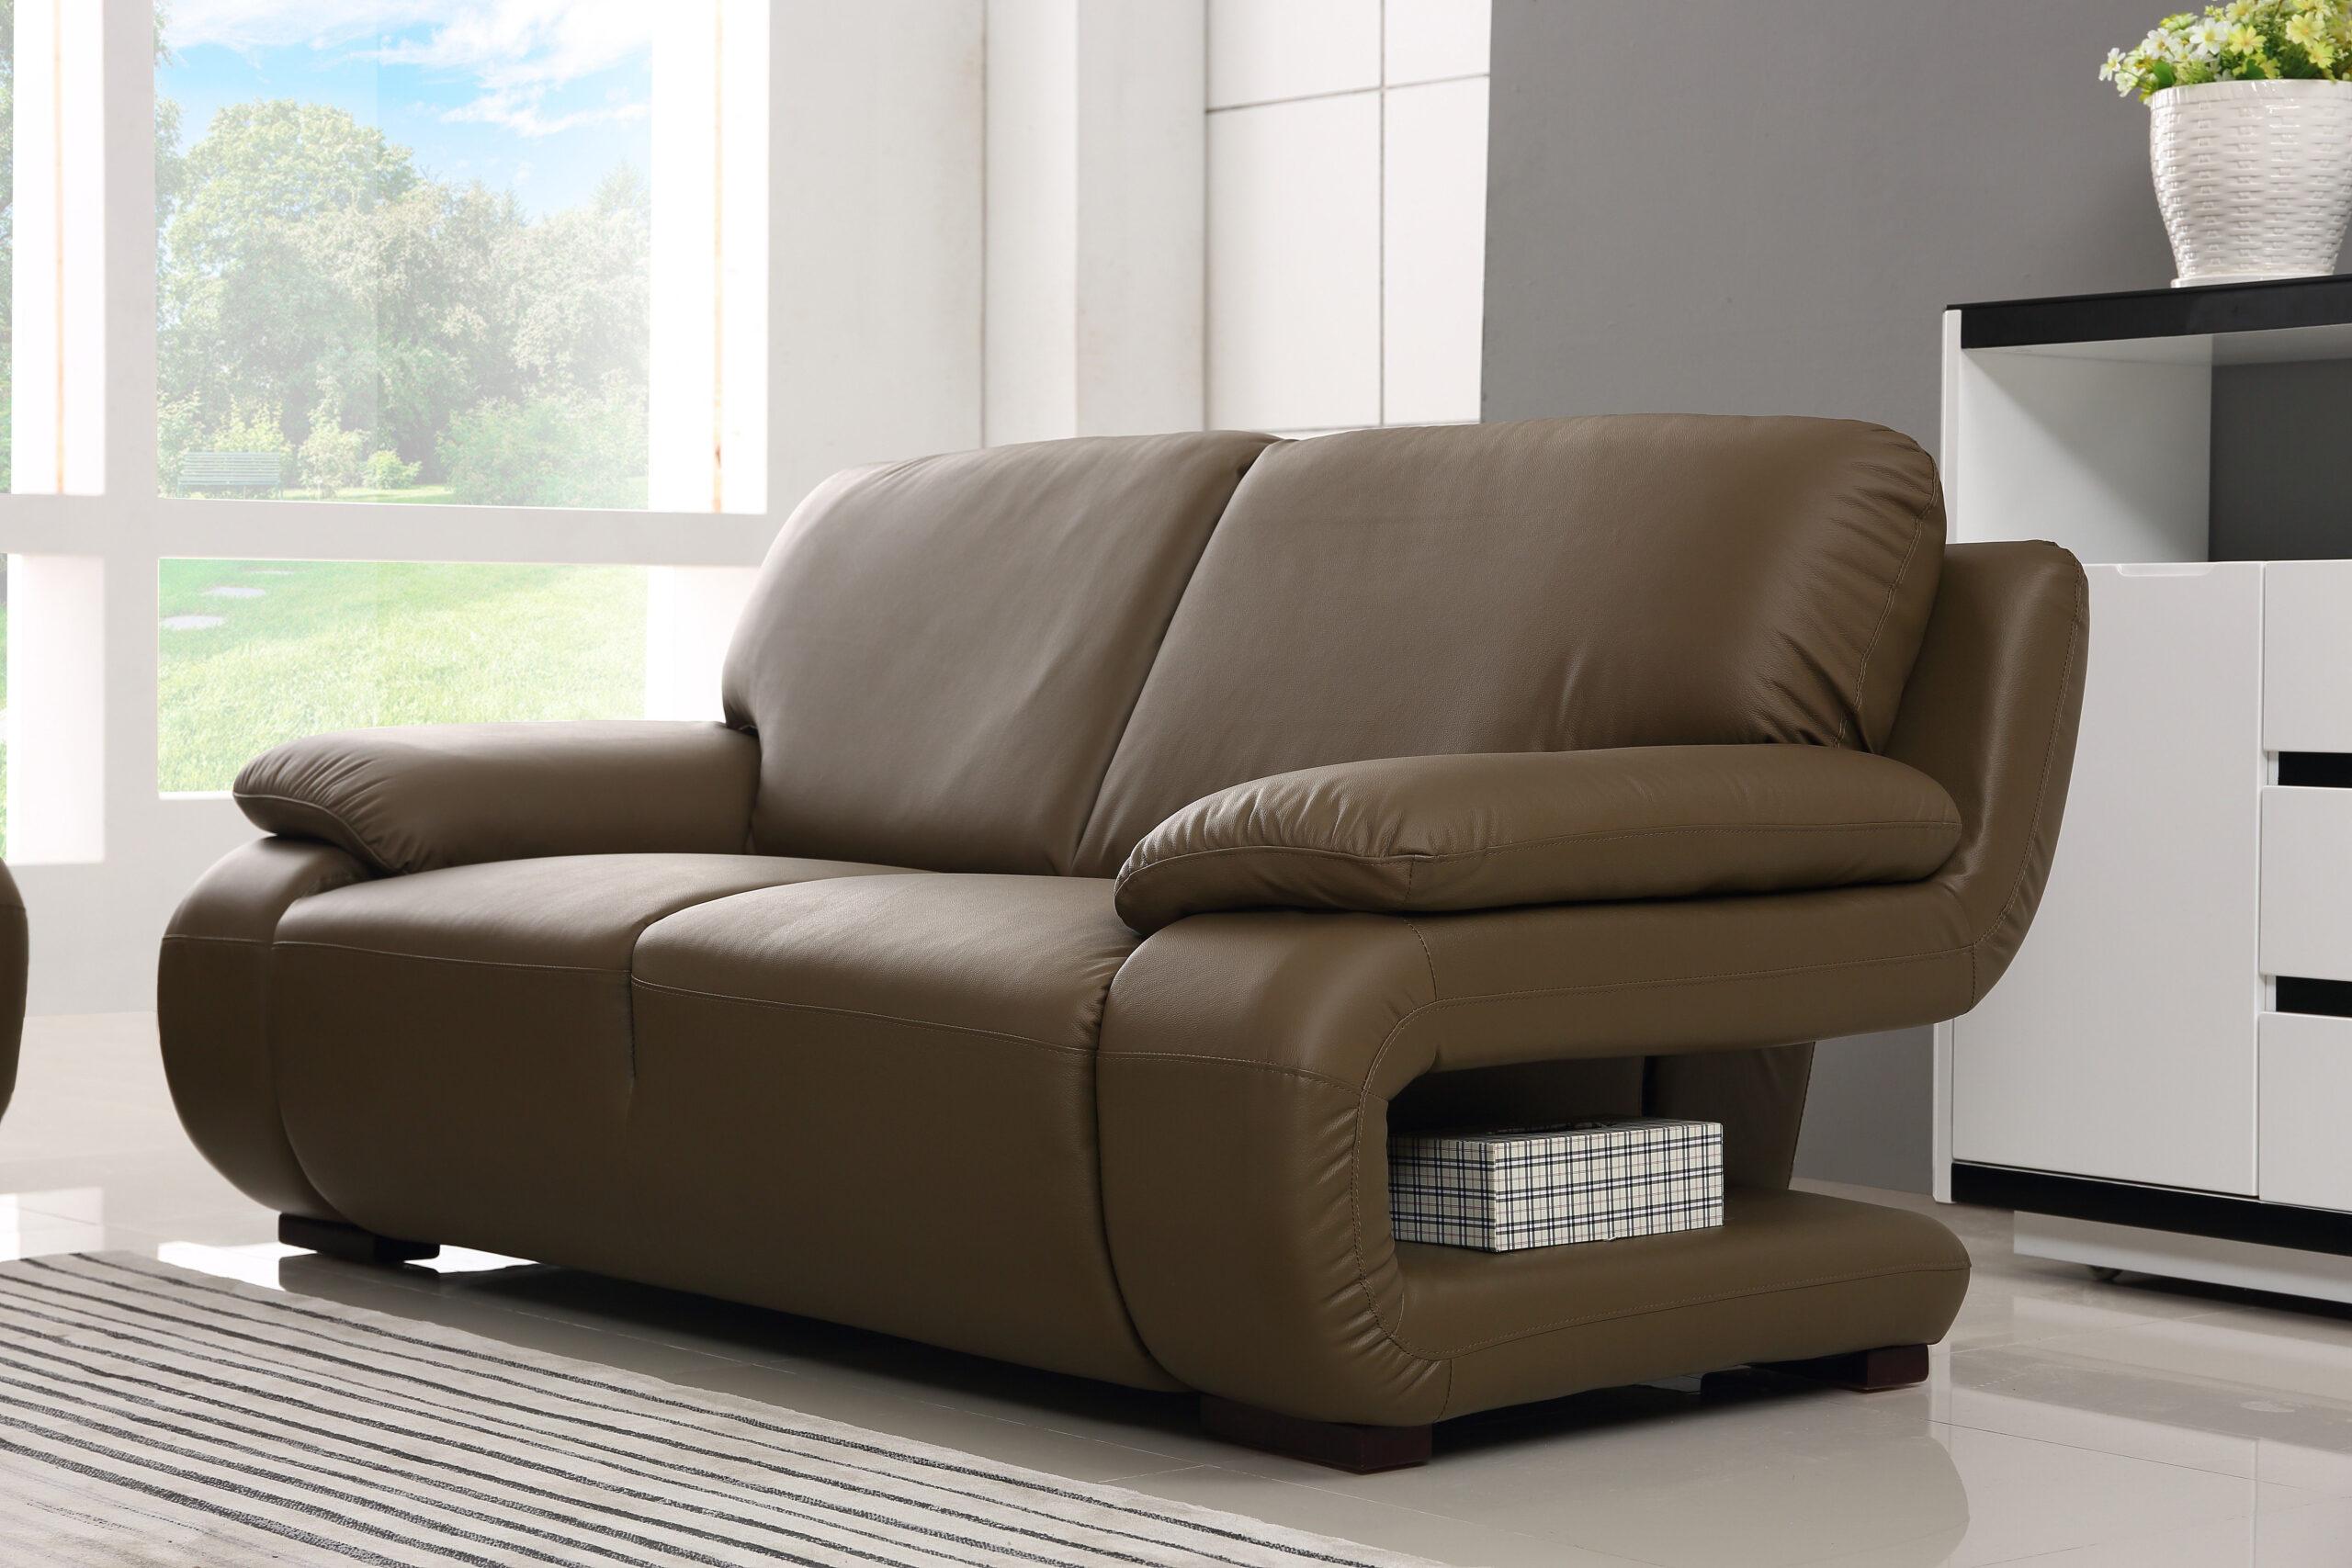 Full Size of Sofa Federkern Schaumstoff Selbst Reparieren Couch 3 Sitzer Oder Kaltschaum Wellenunterfederung Mit Schlaffunktion Reparatur Big Poco Pur Schaum Leder In Grau Sofa Sofa Federkern